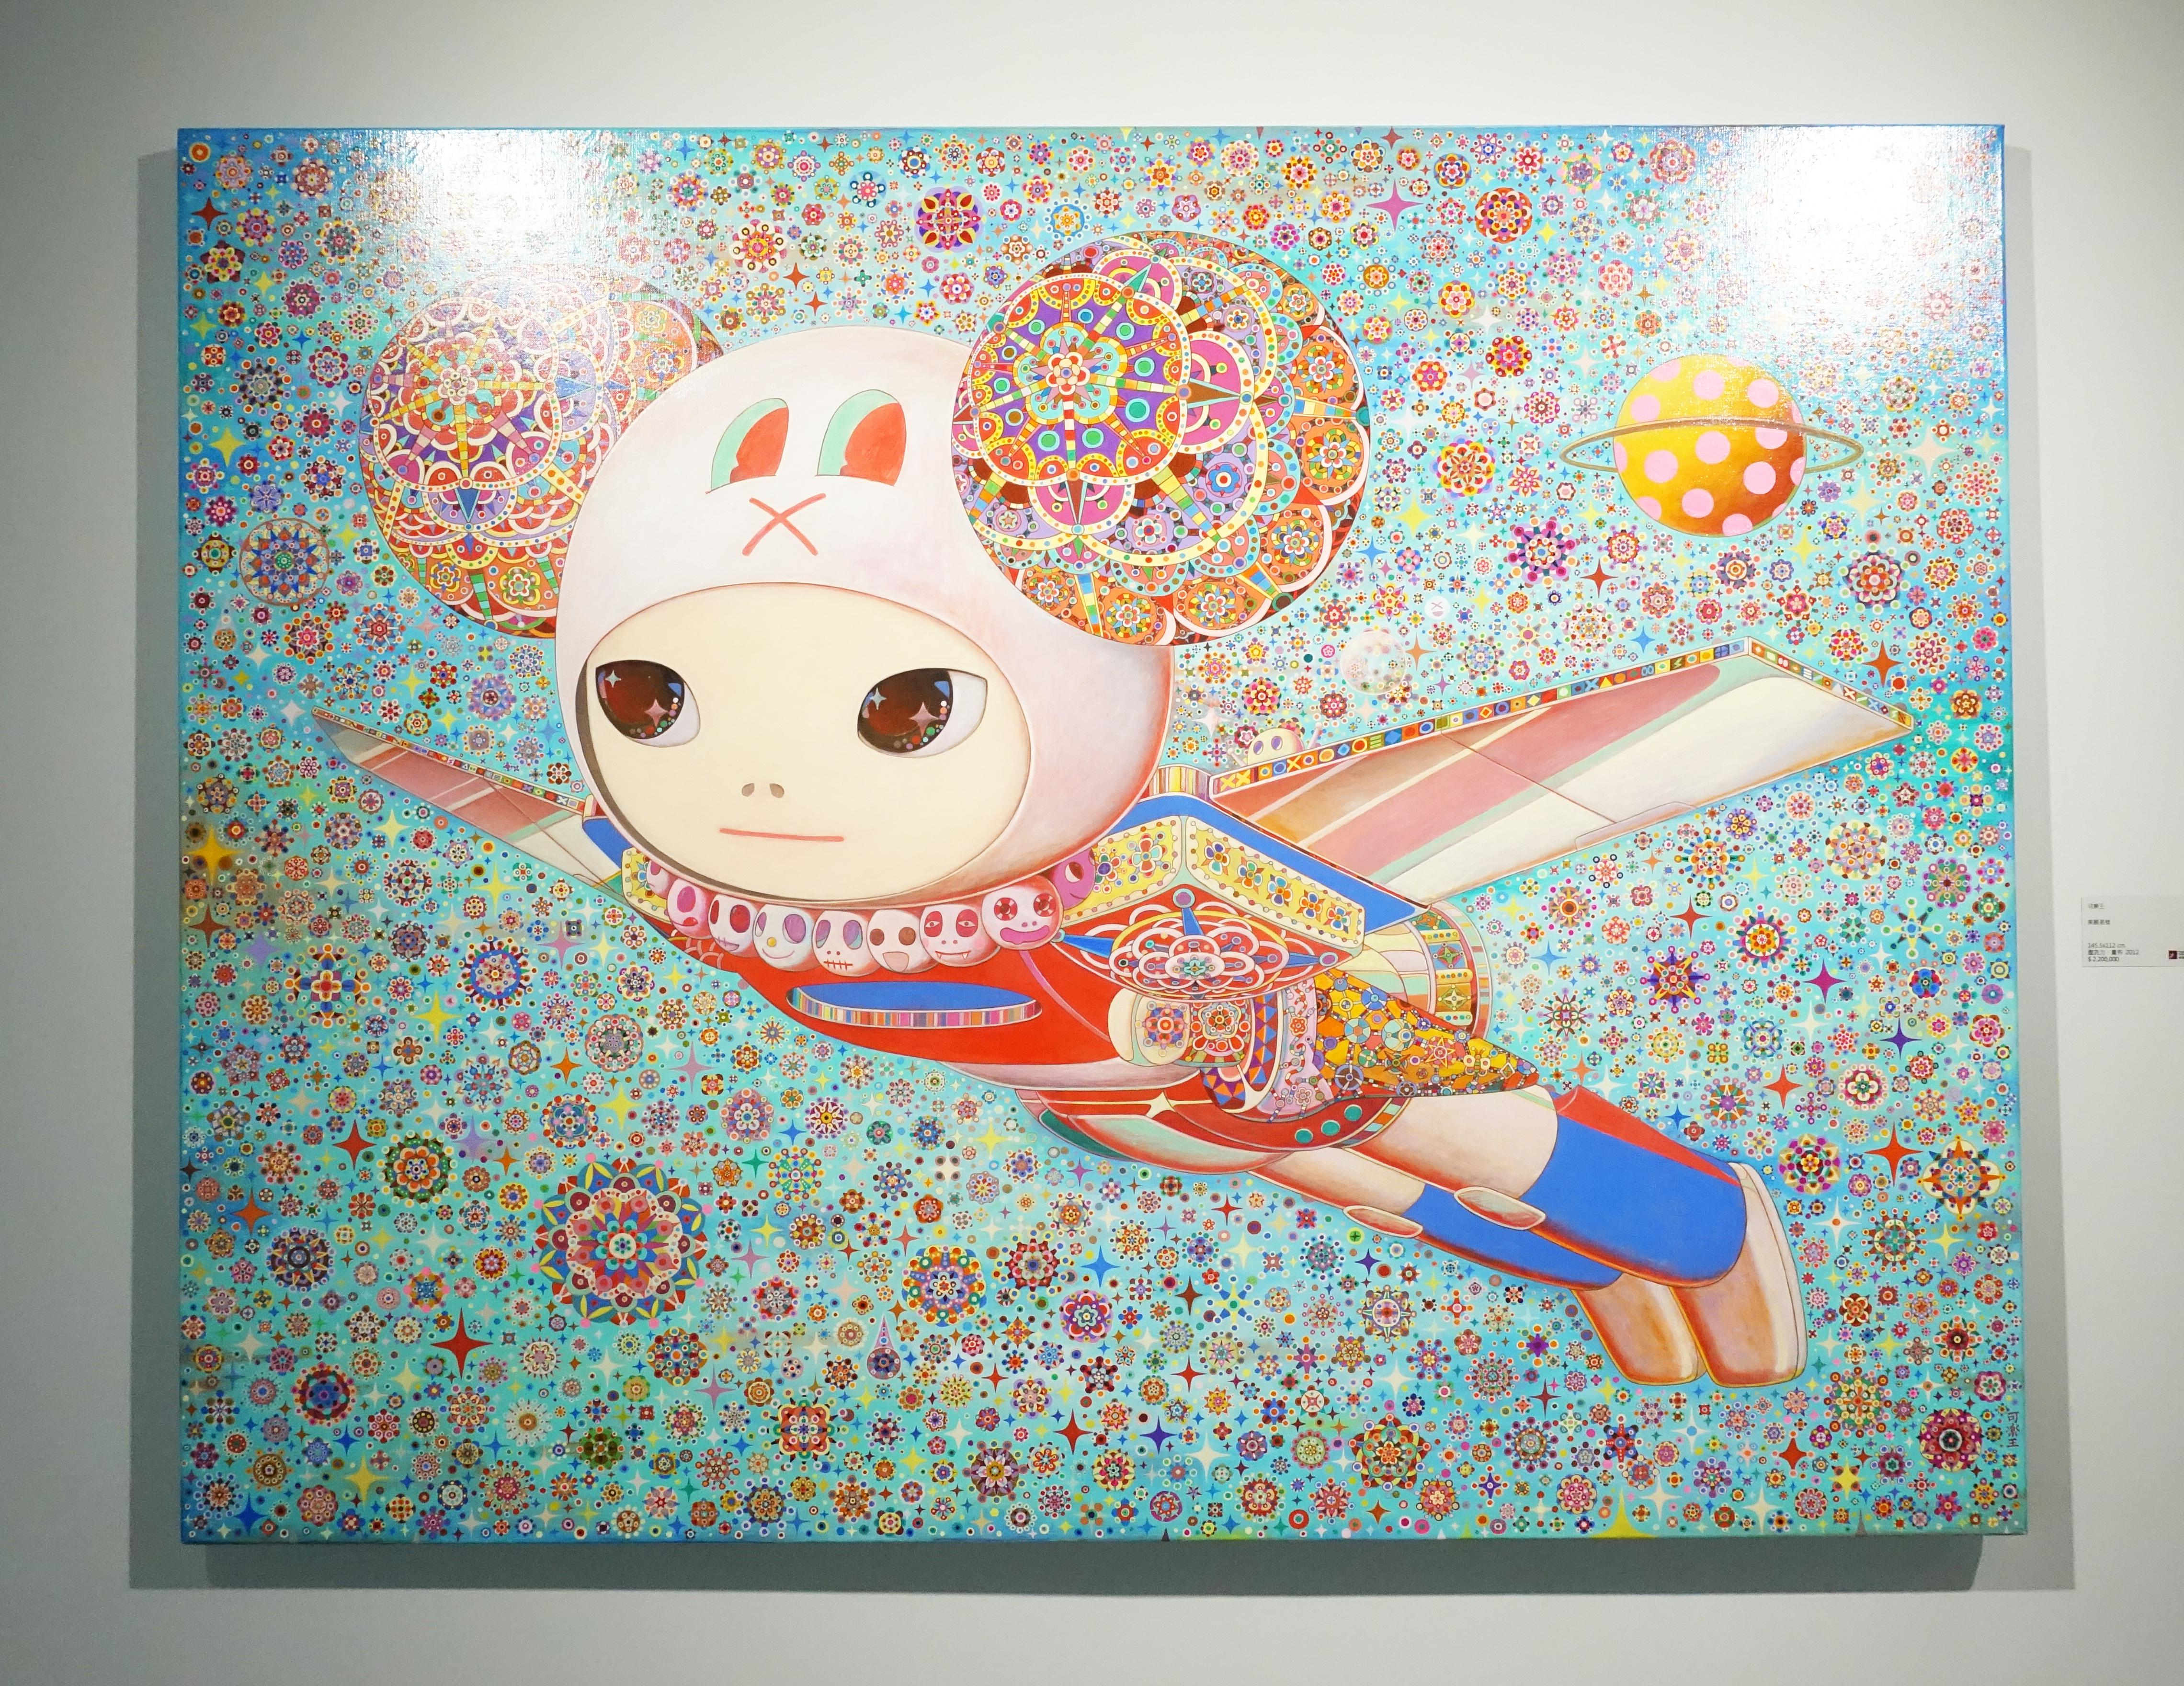 可樂王,《美麗島號》,145.5 x 112 cm,壓克力、畫布,2012。